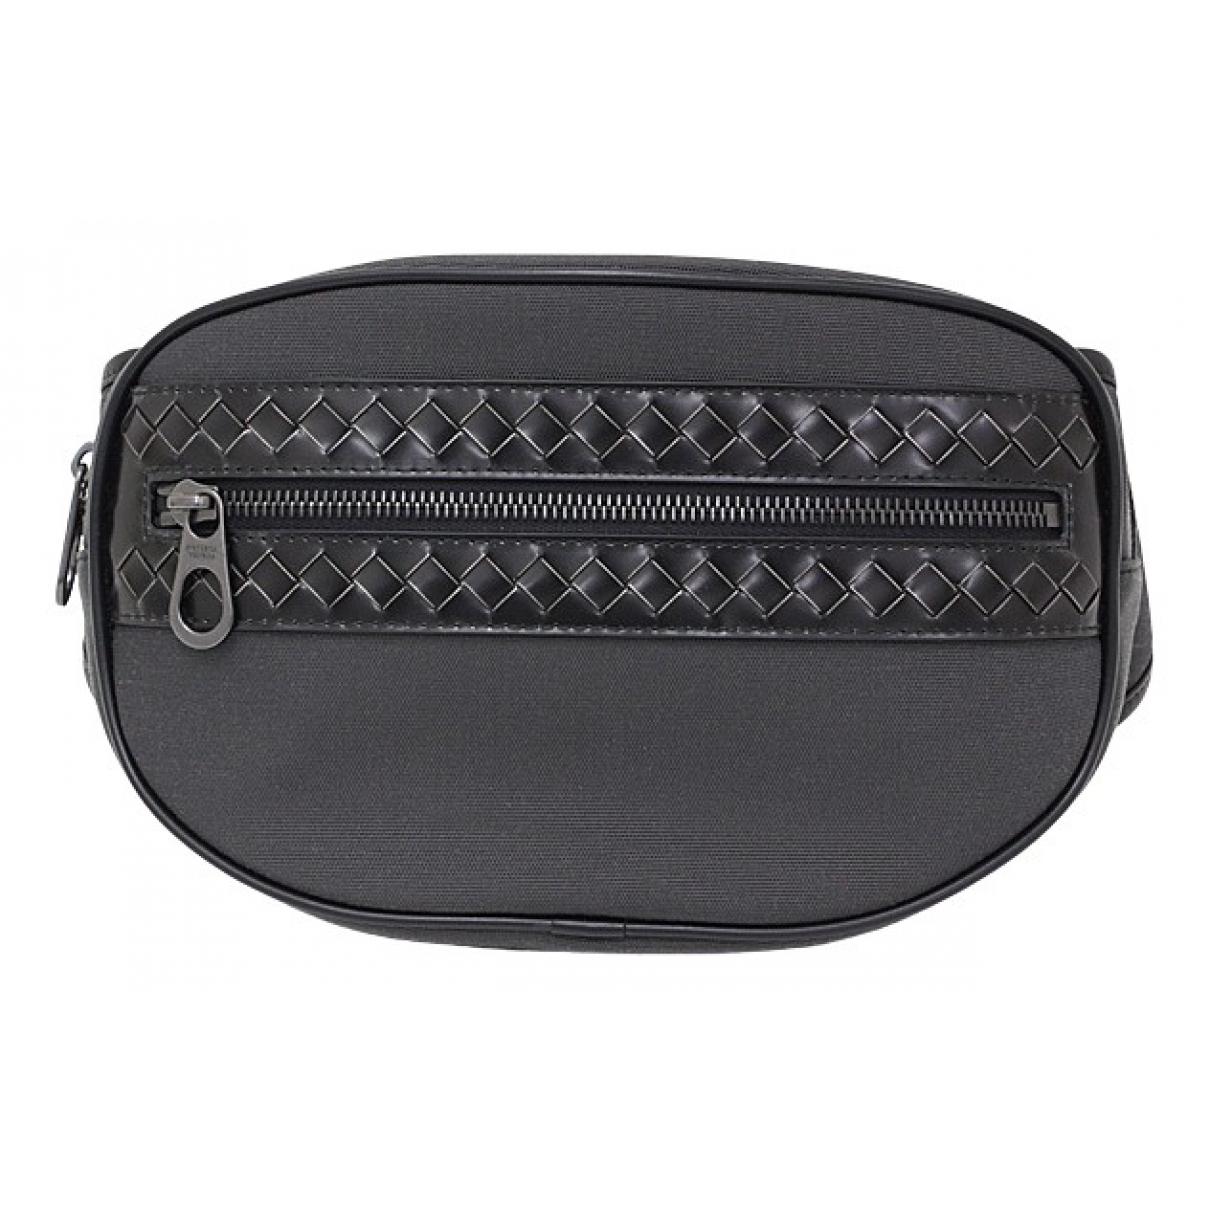 Bottega Veneta N Black Cloth Clutch bag for Women N